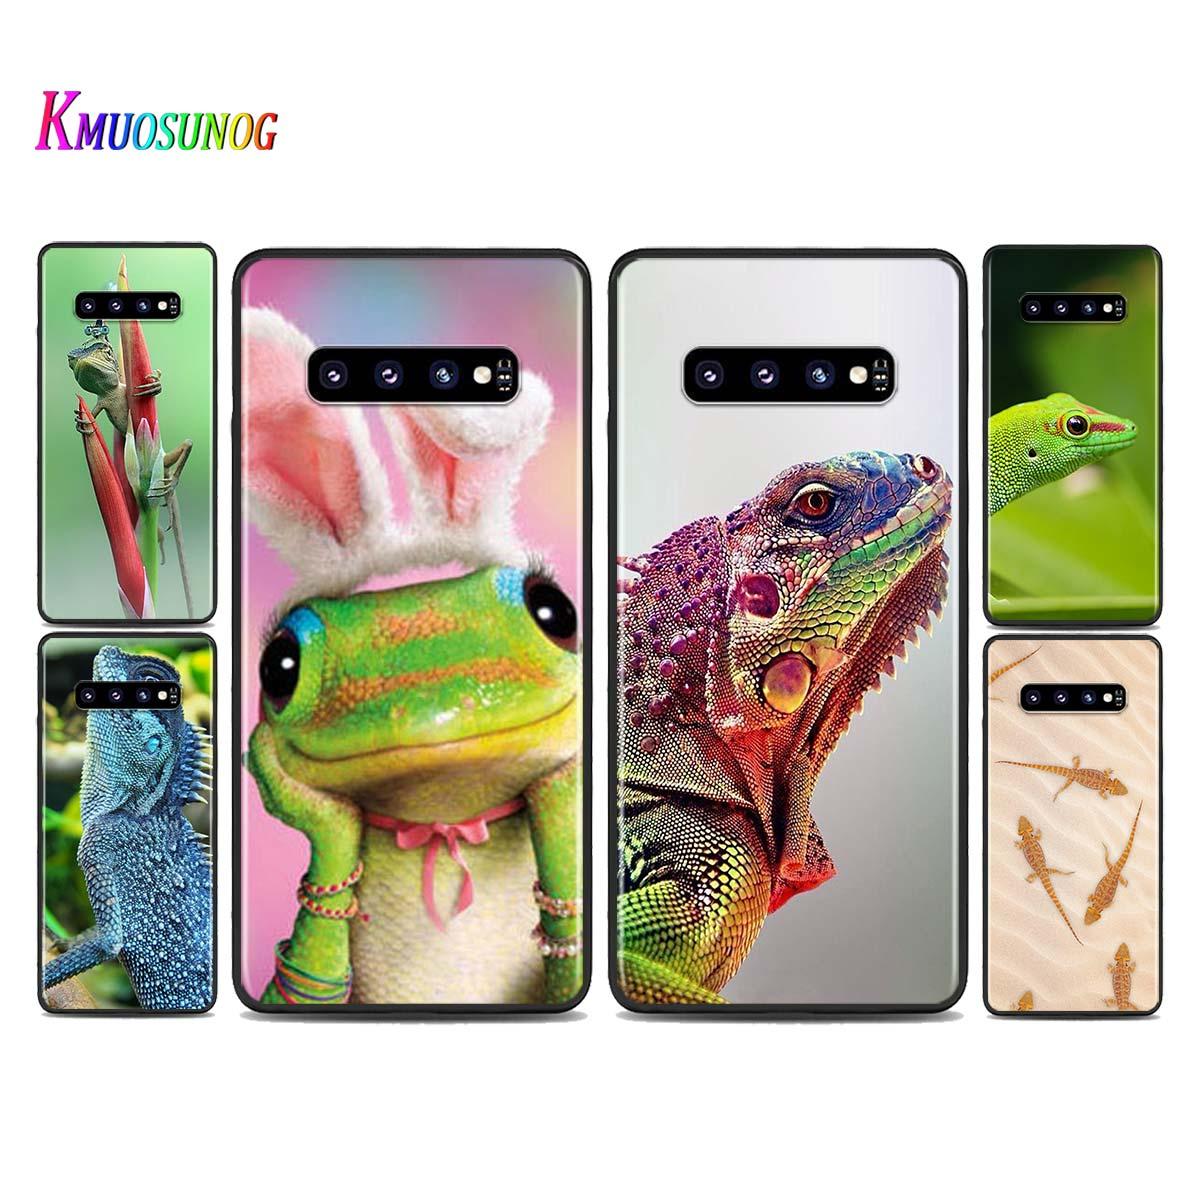 Funda de silicona Animal gecko lagarto para Samsung Galaxy Note 10 9 8 Plus S10 S10E 5G S9 S8 S7 Plus S6 Edge funda de teléfono